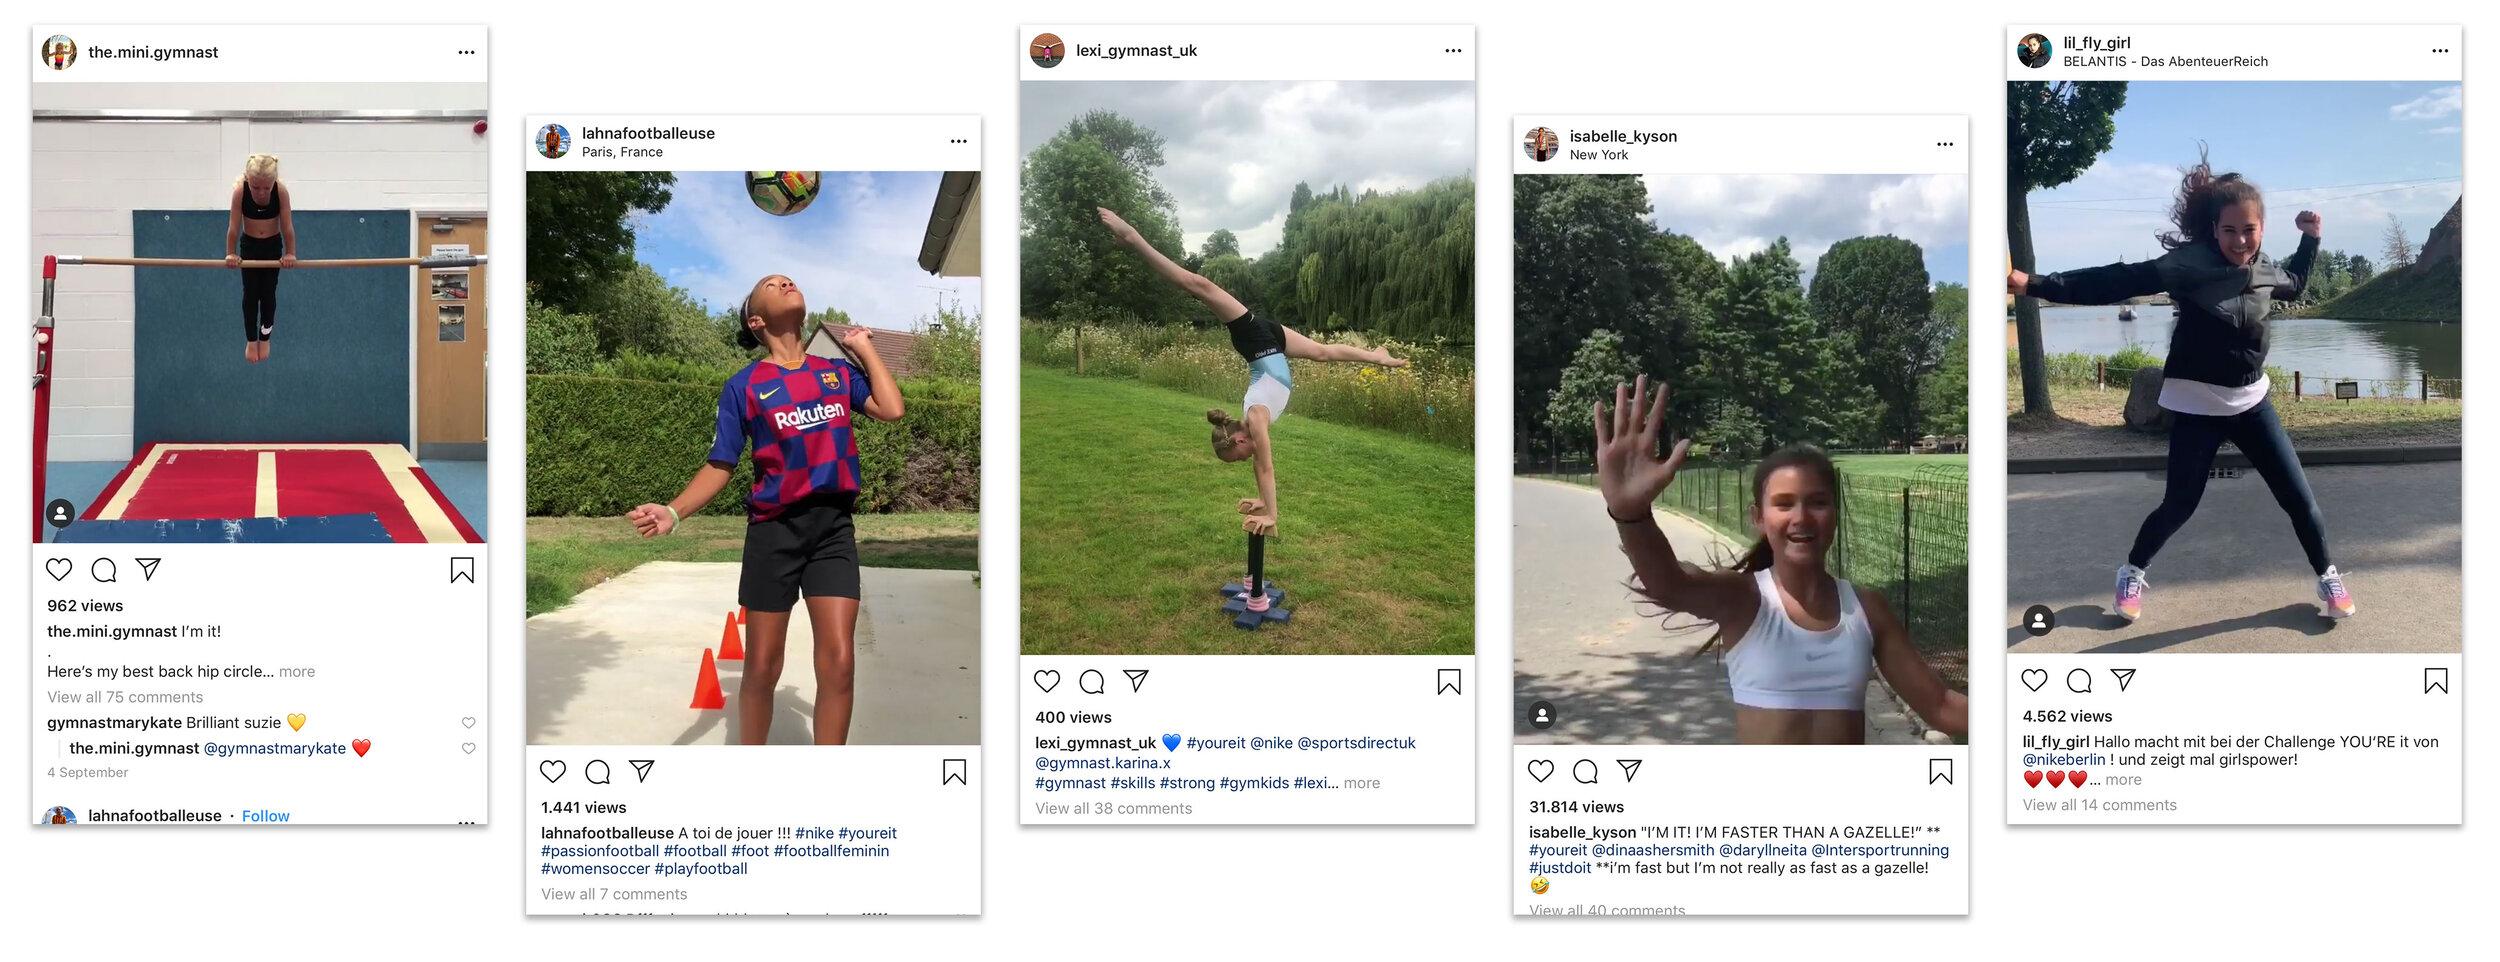 Instagram-screens.jpg